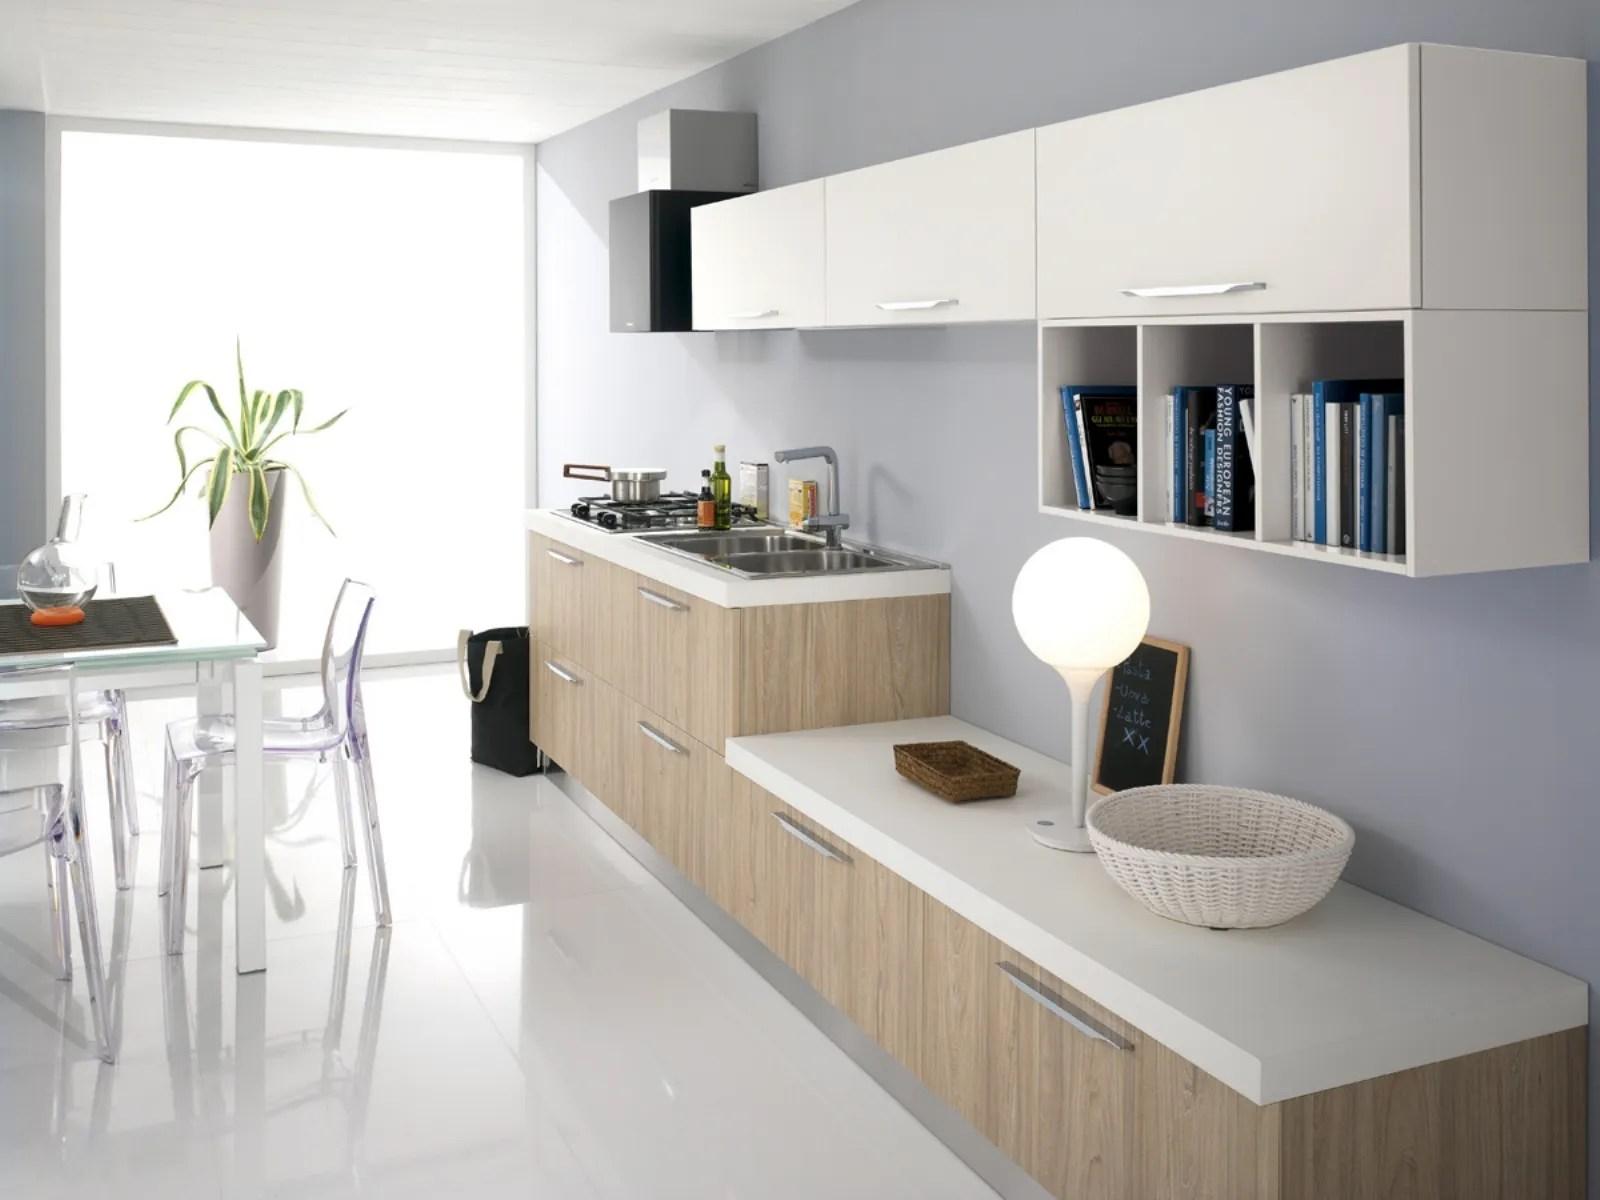 Anche se tanti pensano che arredare cucina e soggiorno in un ambiente unico dipenda essenzialmente dalla scelta di una bella cucina, non è affatto così! Cucina E Soggiorno Nello Stesso Ambiente